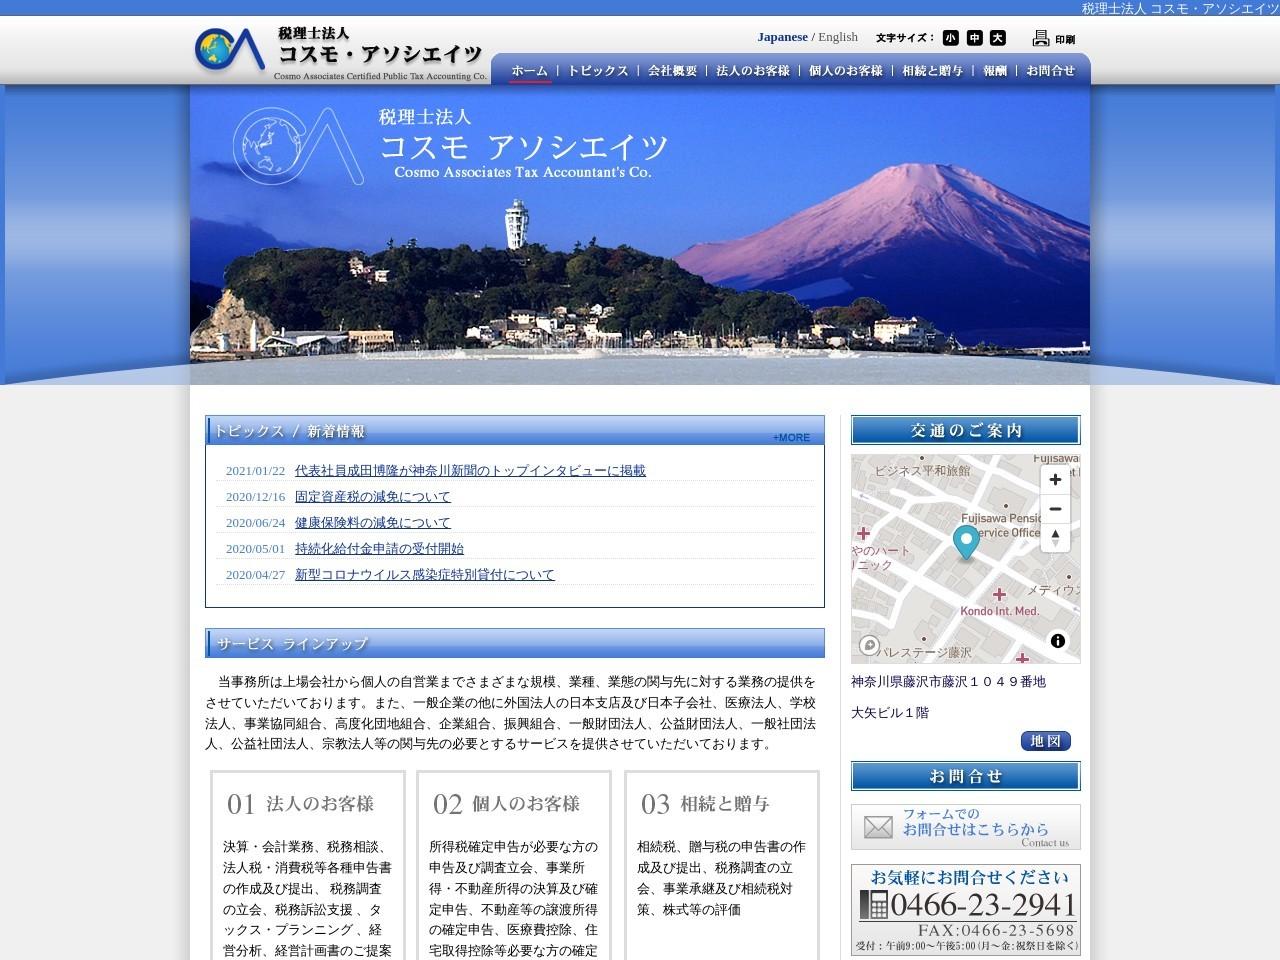 コスモ・アソシエイツ(税理士法人)